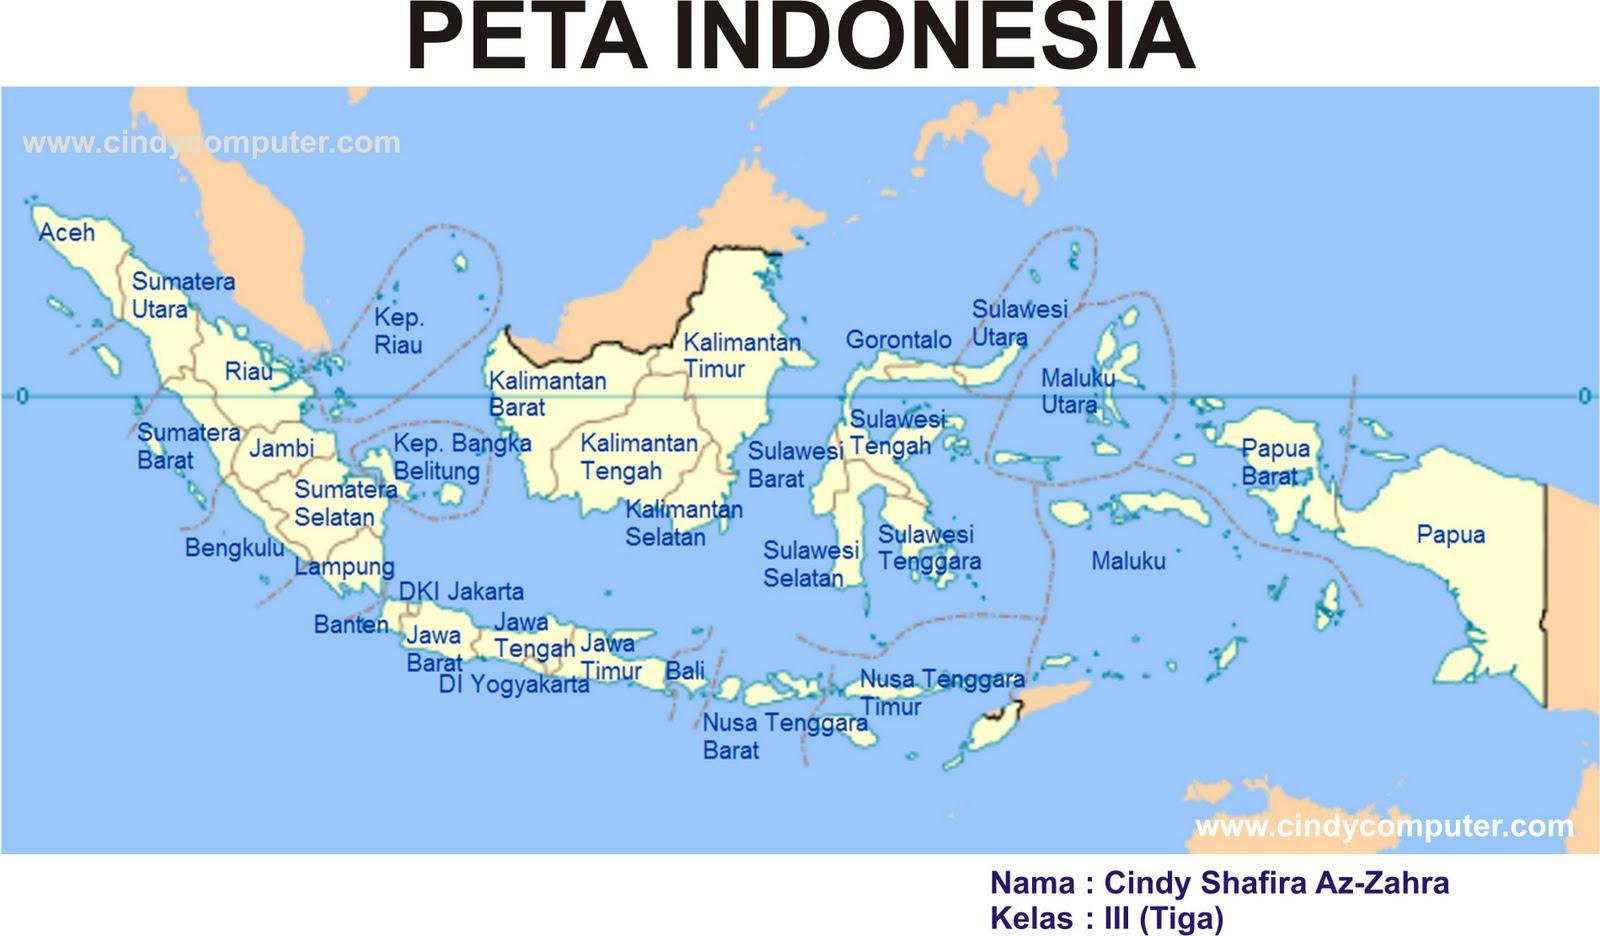 Image Result For Peta Indonesia Lengkap